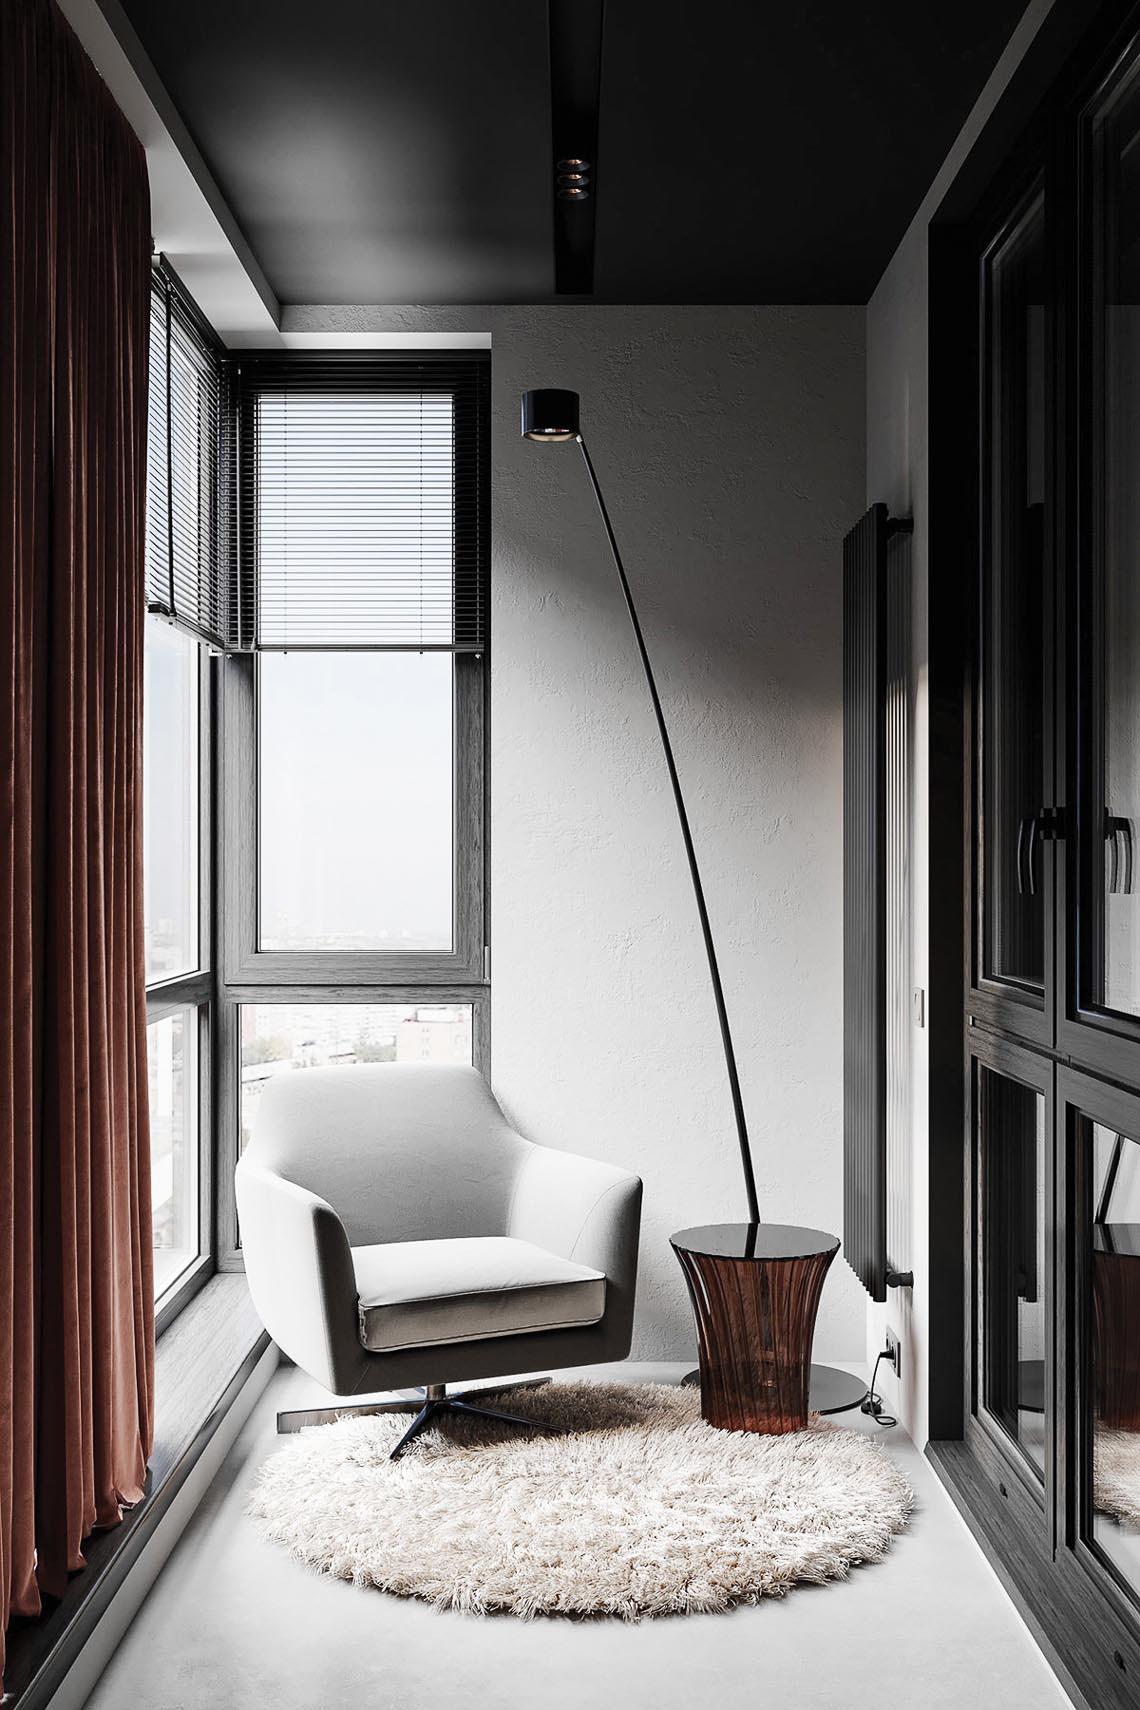 Thiết kế nội thất hiện đại với tông màu đỏ và xám theo phong cách Nhật Bản-27